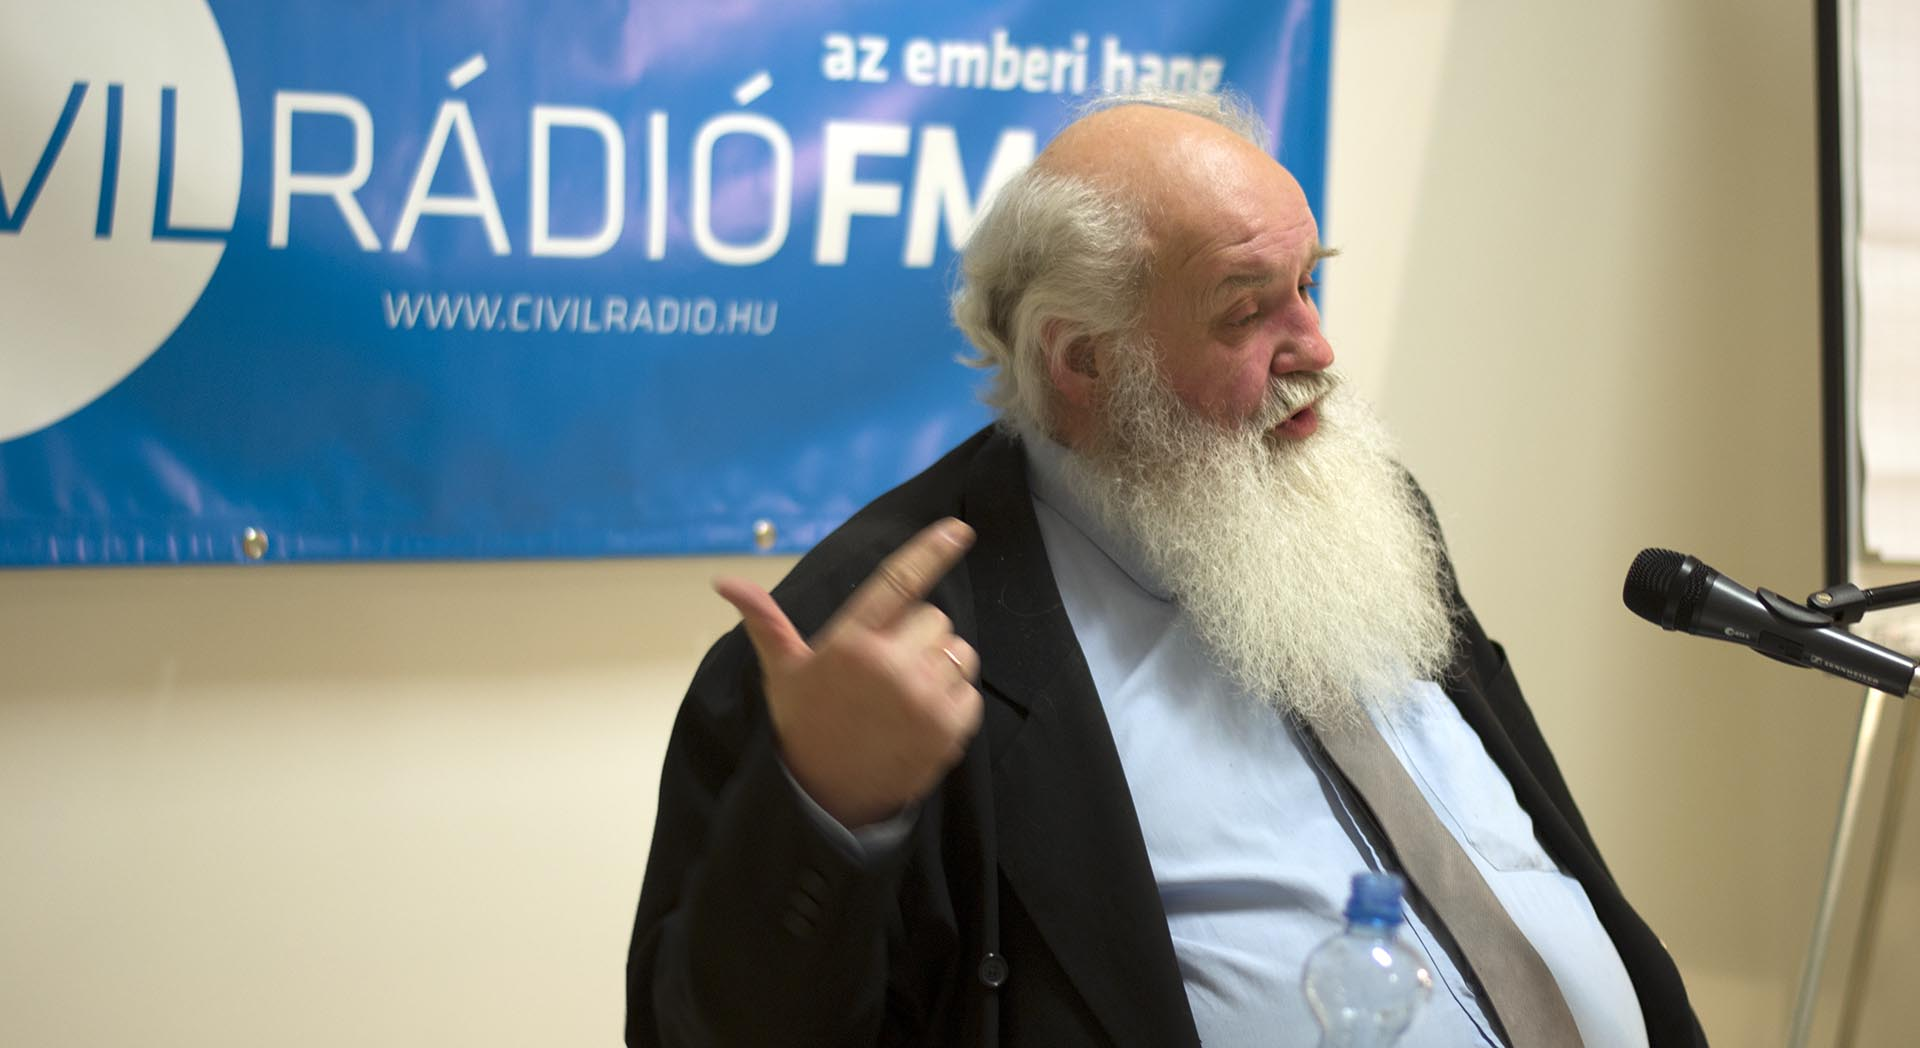 Iványi_Gábor